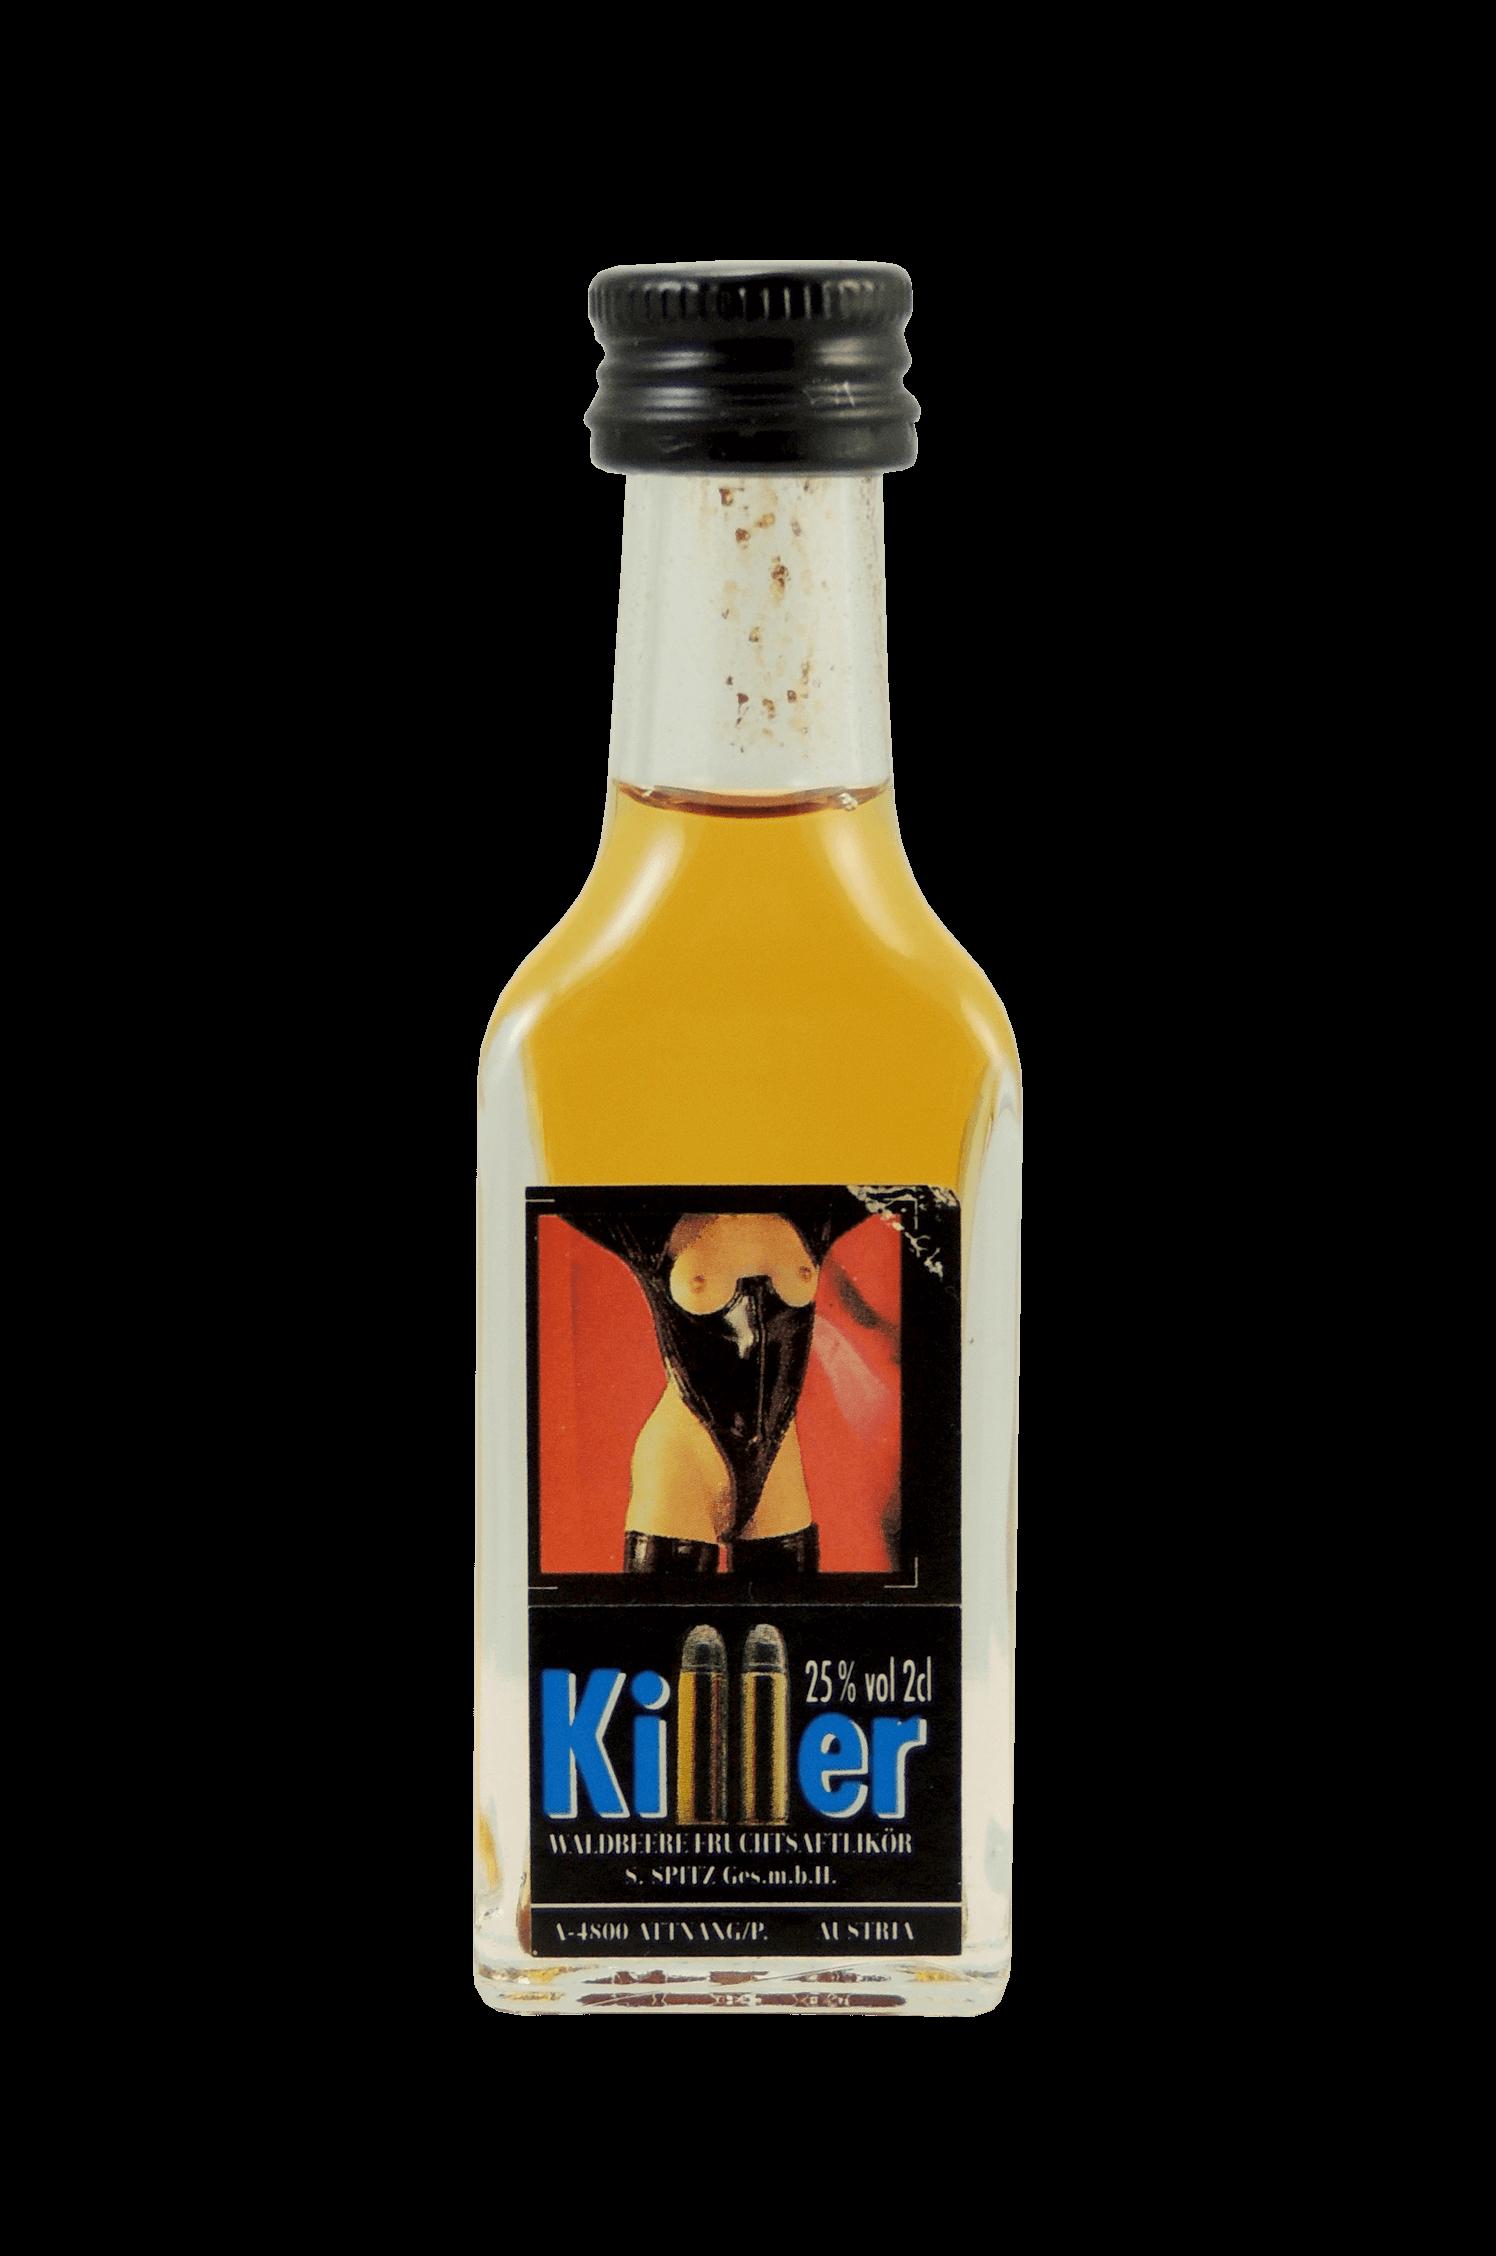 Killer Likör